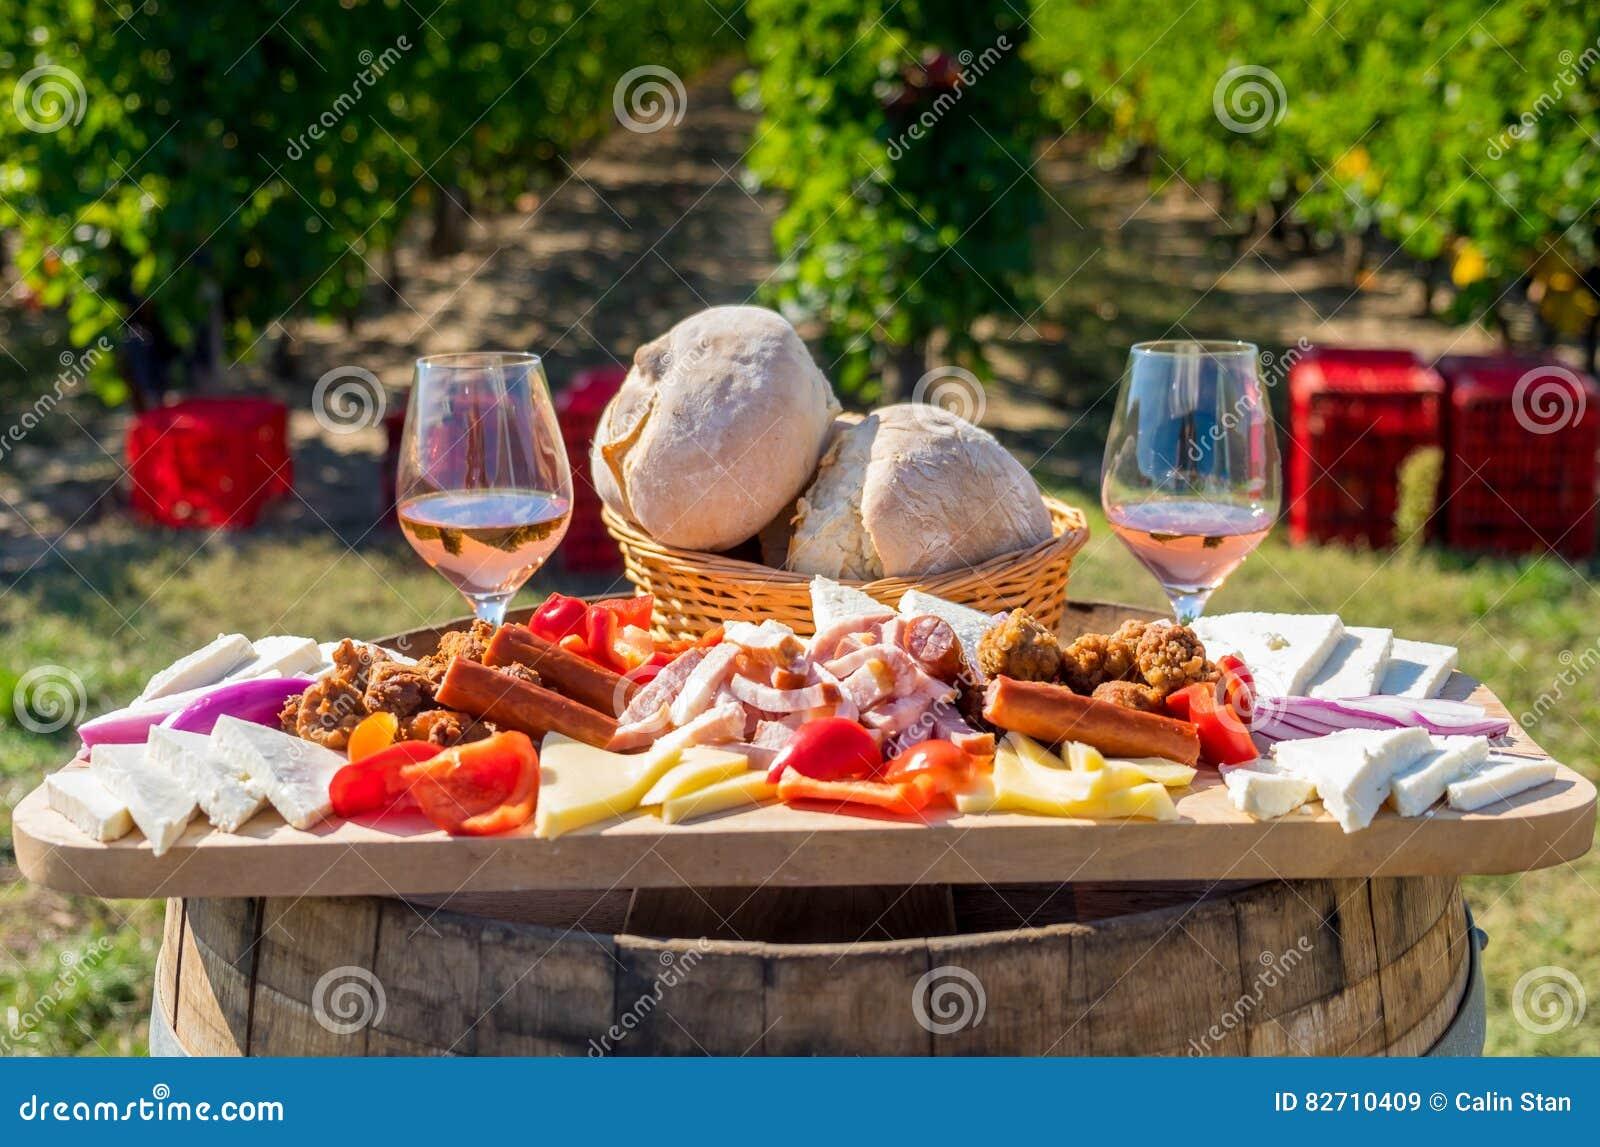 Moisson du plat roumain traditionnel de nourriture de saison avec du fromage